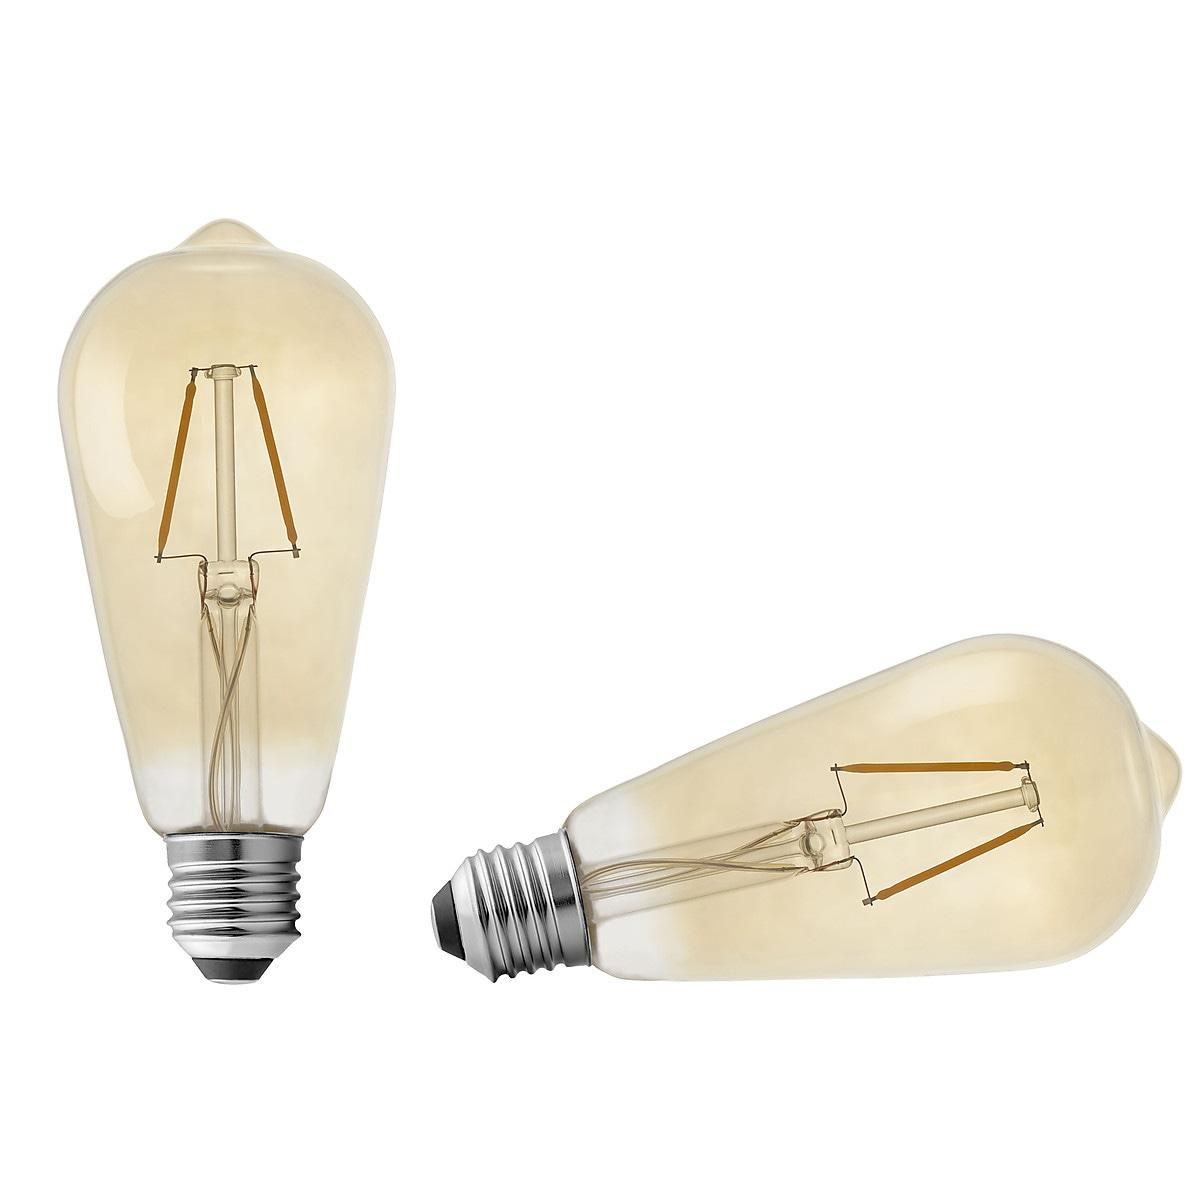 Northlight LED dekorasjonspære Retro E27